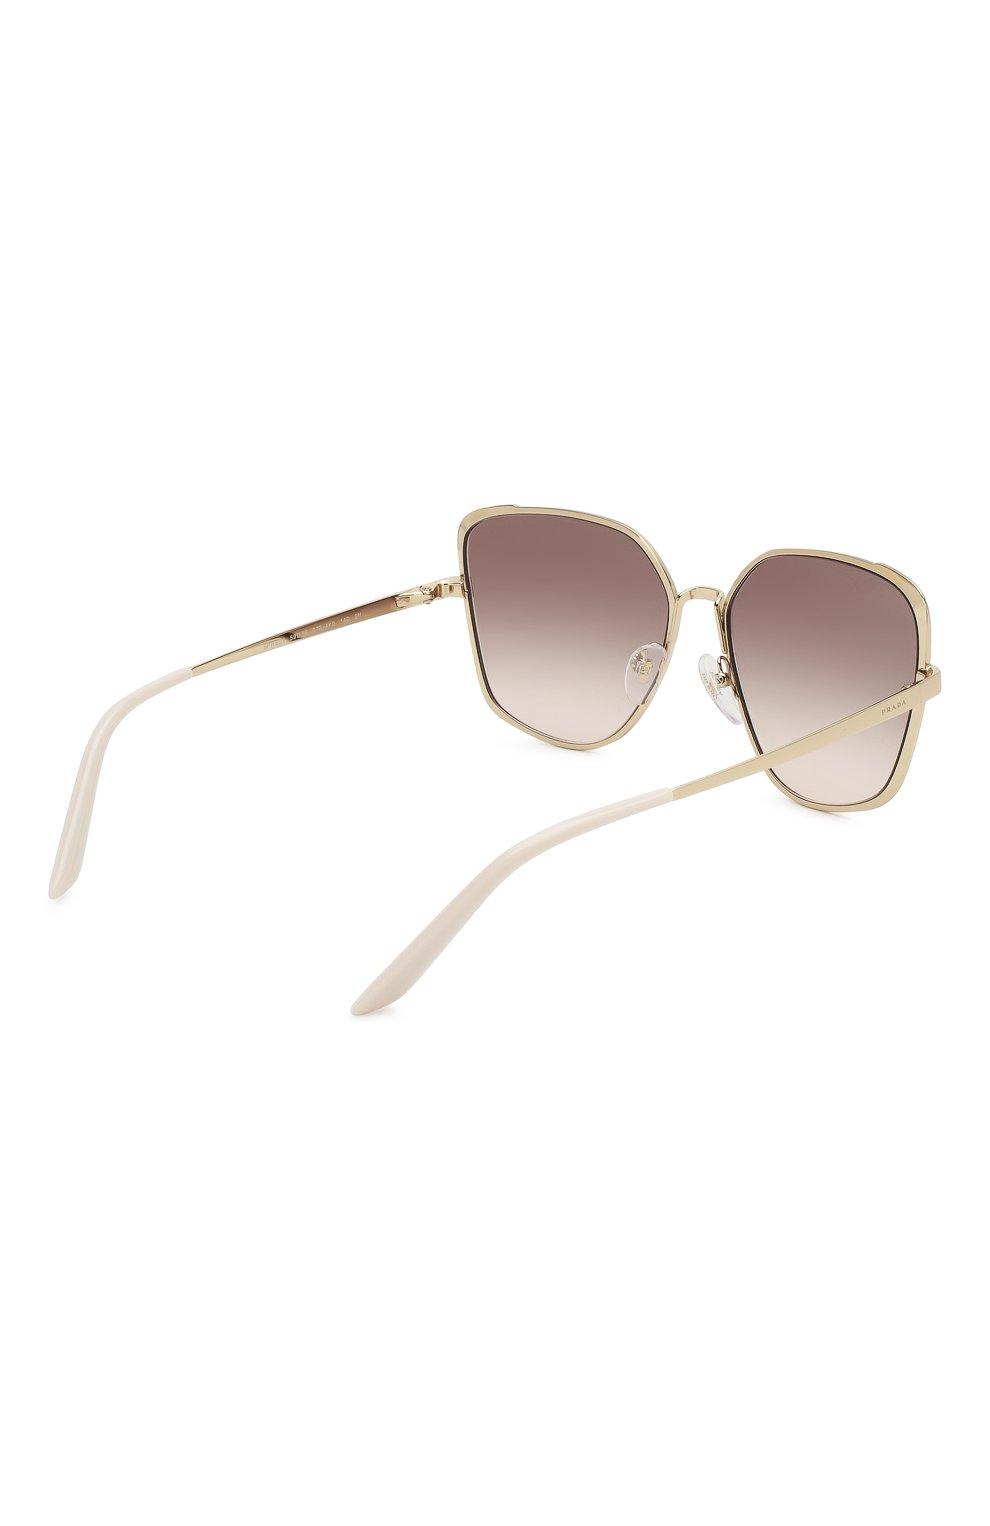 Женские солнцезащитные очки PRADA коричневого цвета, арт. 60XS-07B4K0   Фото 4